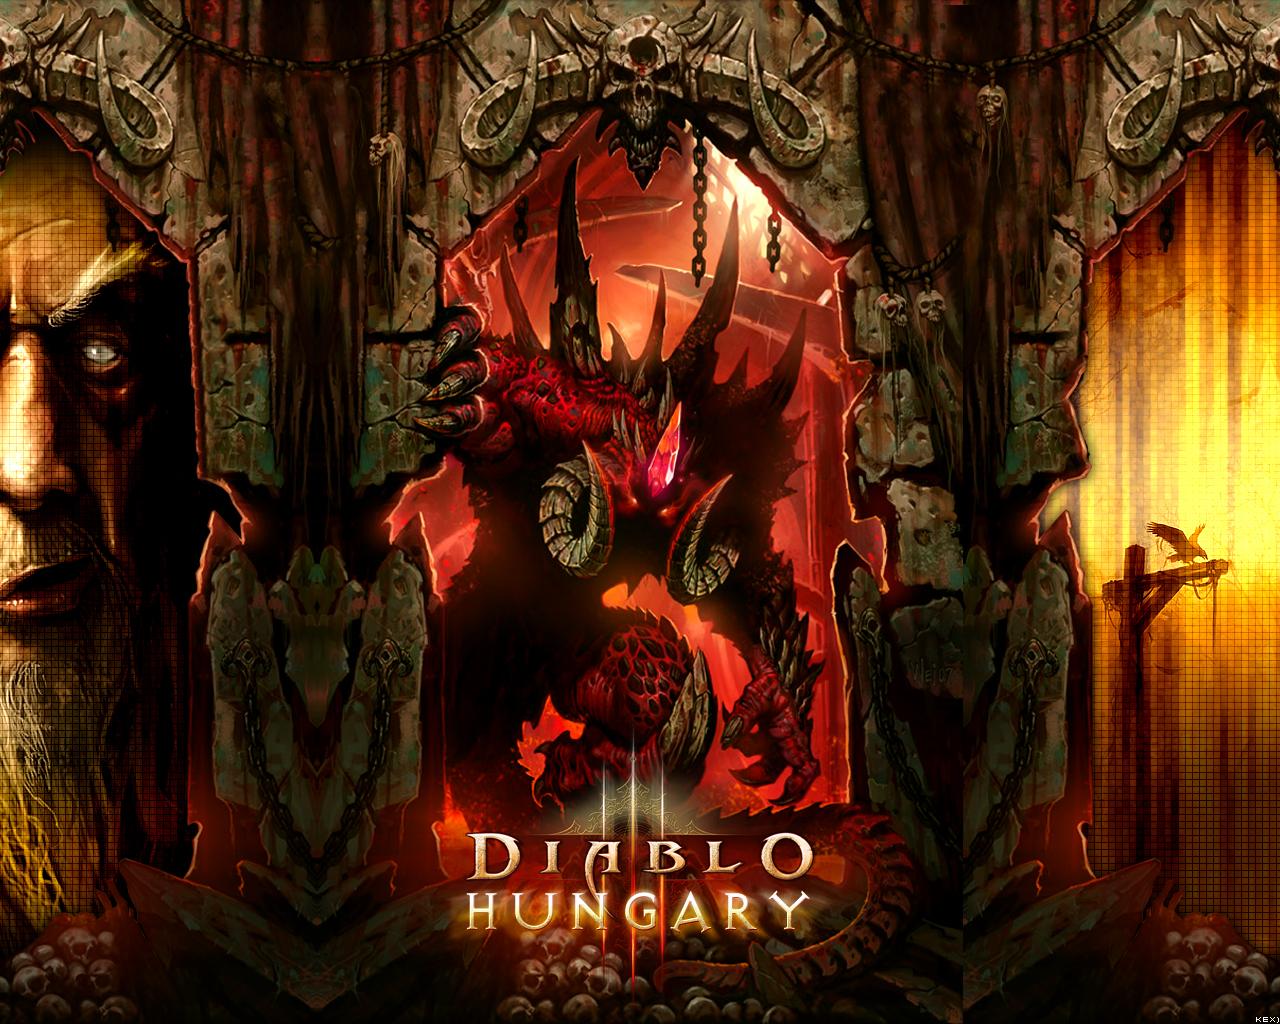 http://3.bp.blogspot.com/-qQR5DBczeBk/T7El7yt67cI/AAAAAAAAAUs/ThwG8DUFQdA/s1600/Diablo_3_Hungary_Wallpaper_4_by_kex596.jpg